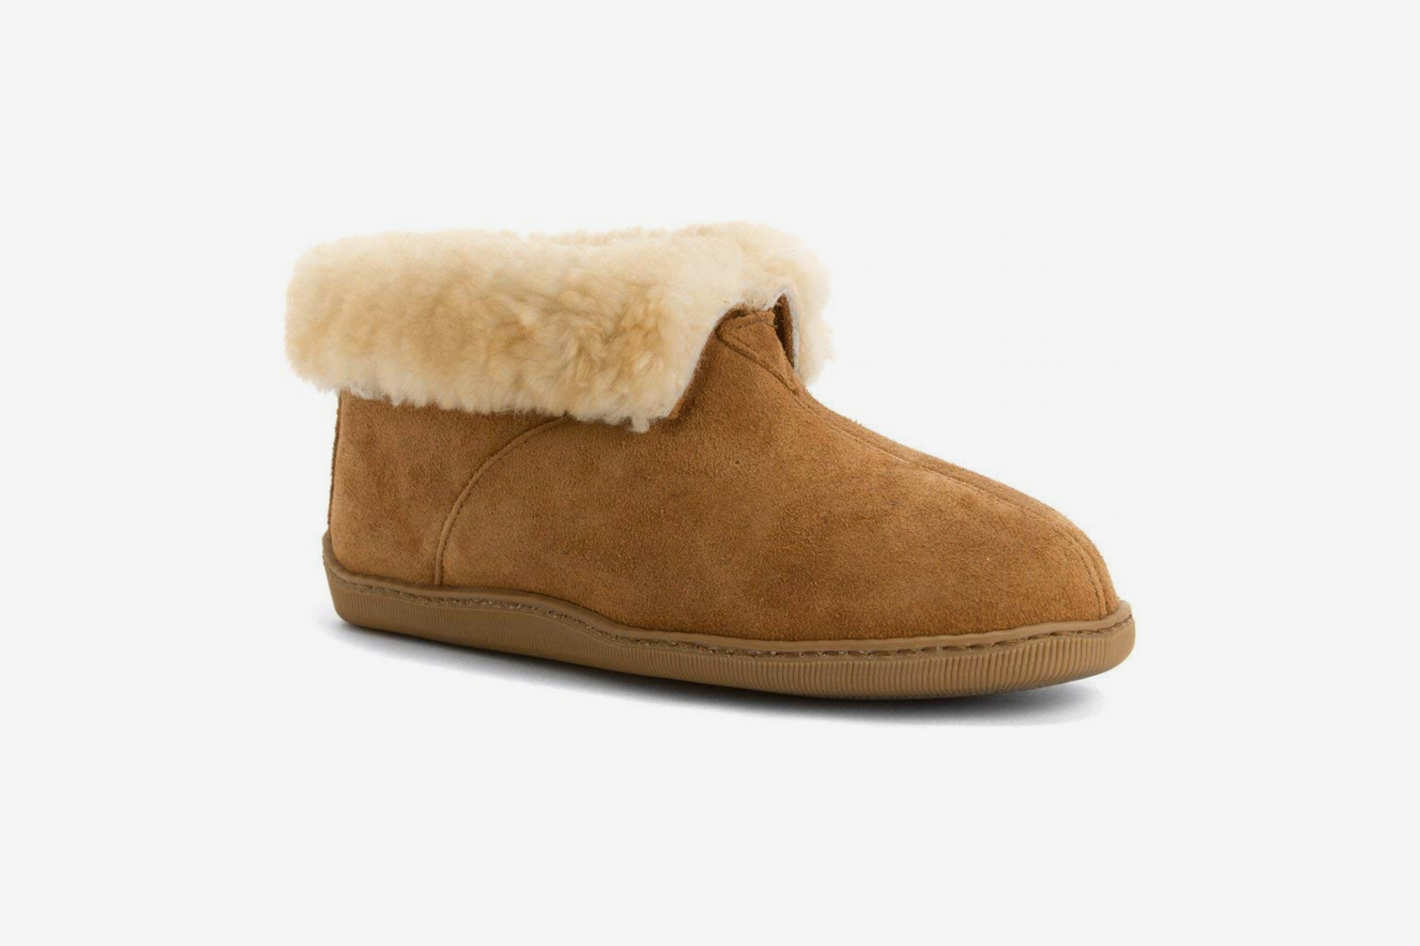 Minnetonka Men's Sheepskin Ankle Boot Slippers